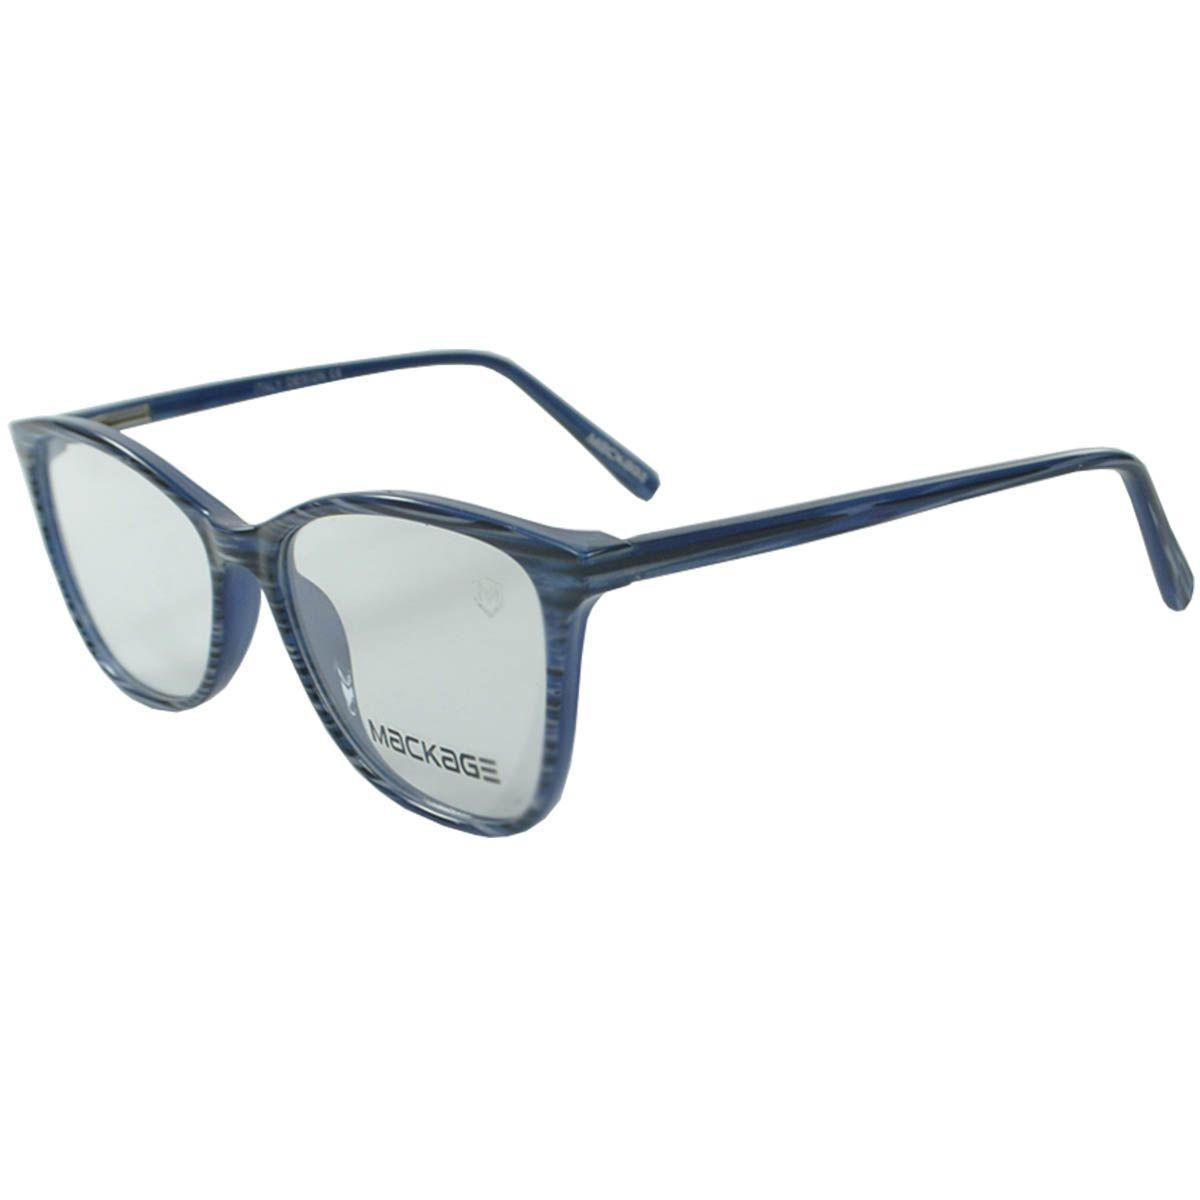 a899eb9616bf0 Óculos de sol MACKAGE BRASIL